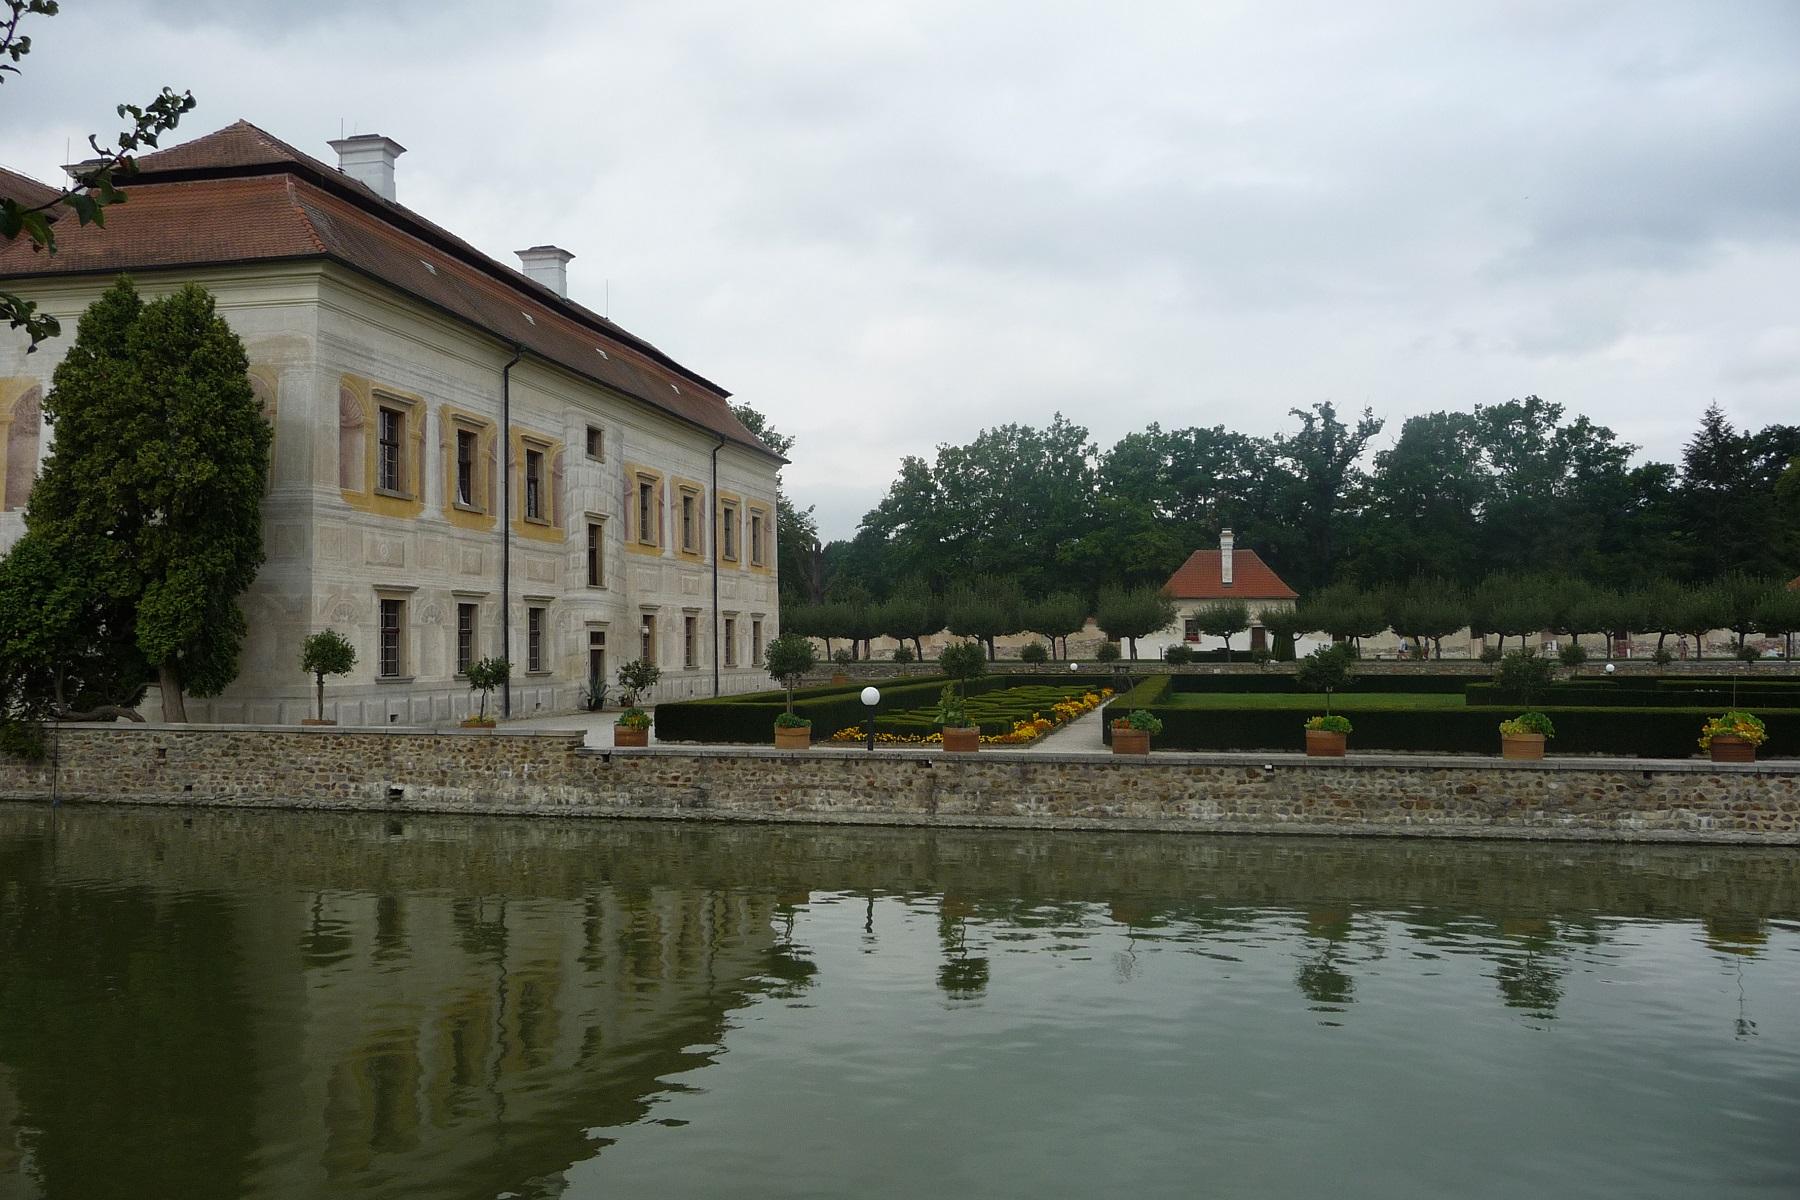 https://www.kempy-chaty.cz/sites/default/files/turistika/zamek_kratochvile_s_vodnim_prikopem.jpg